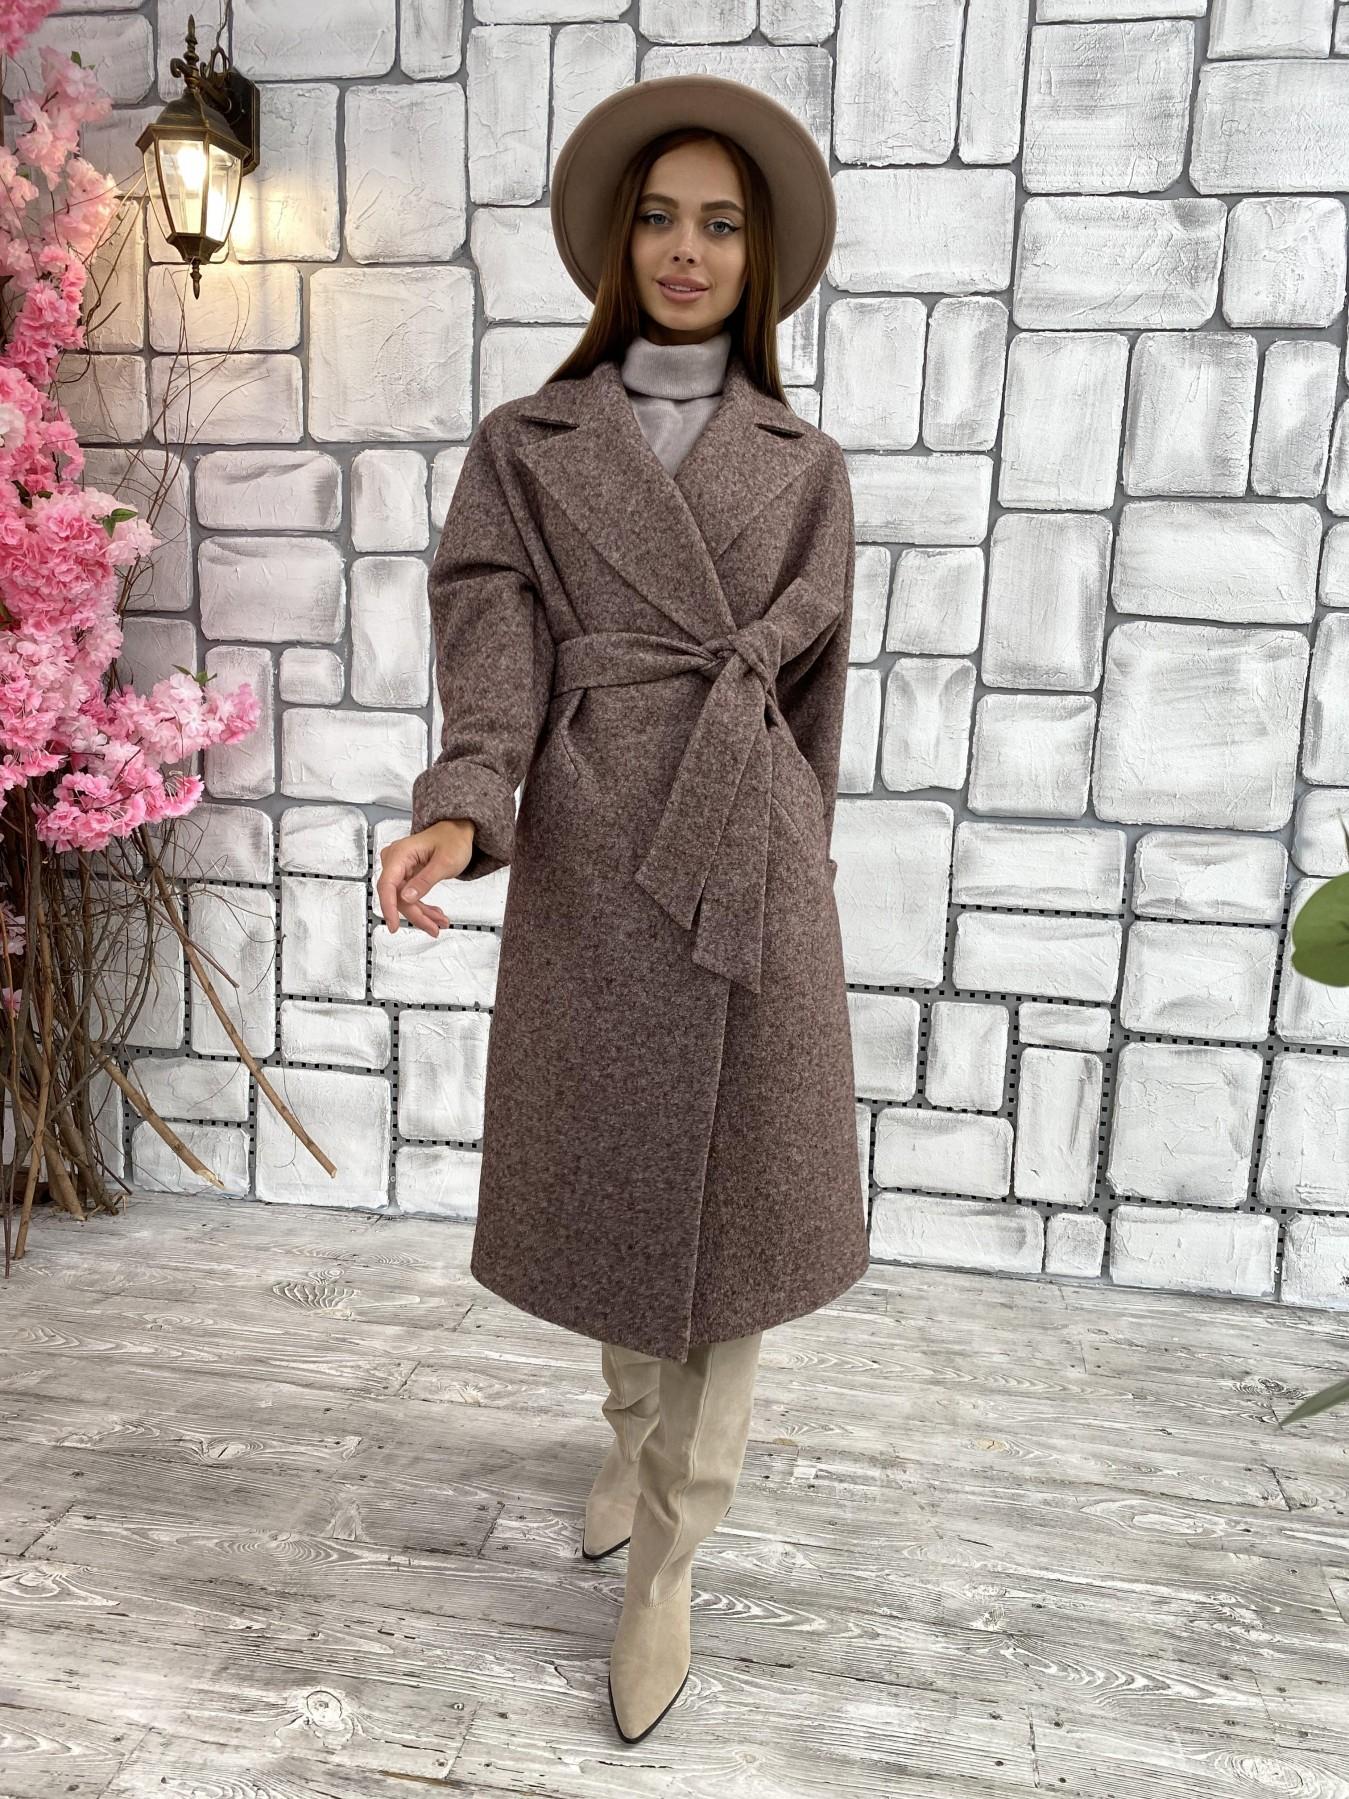 Влада шерсть варенка ткань пальто 11639 АРТ. 48350 Цвет: Кофе - фото 10, интернет магазин tm-modus.ru